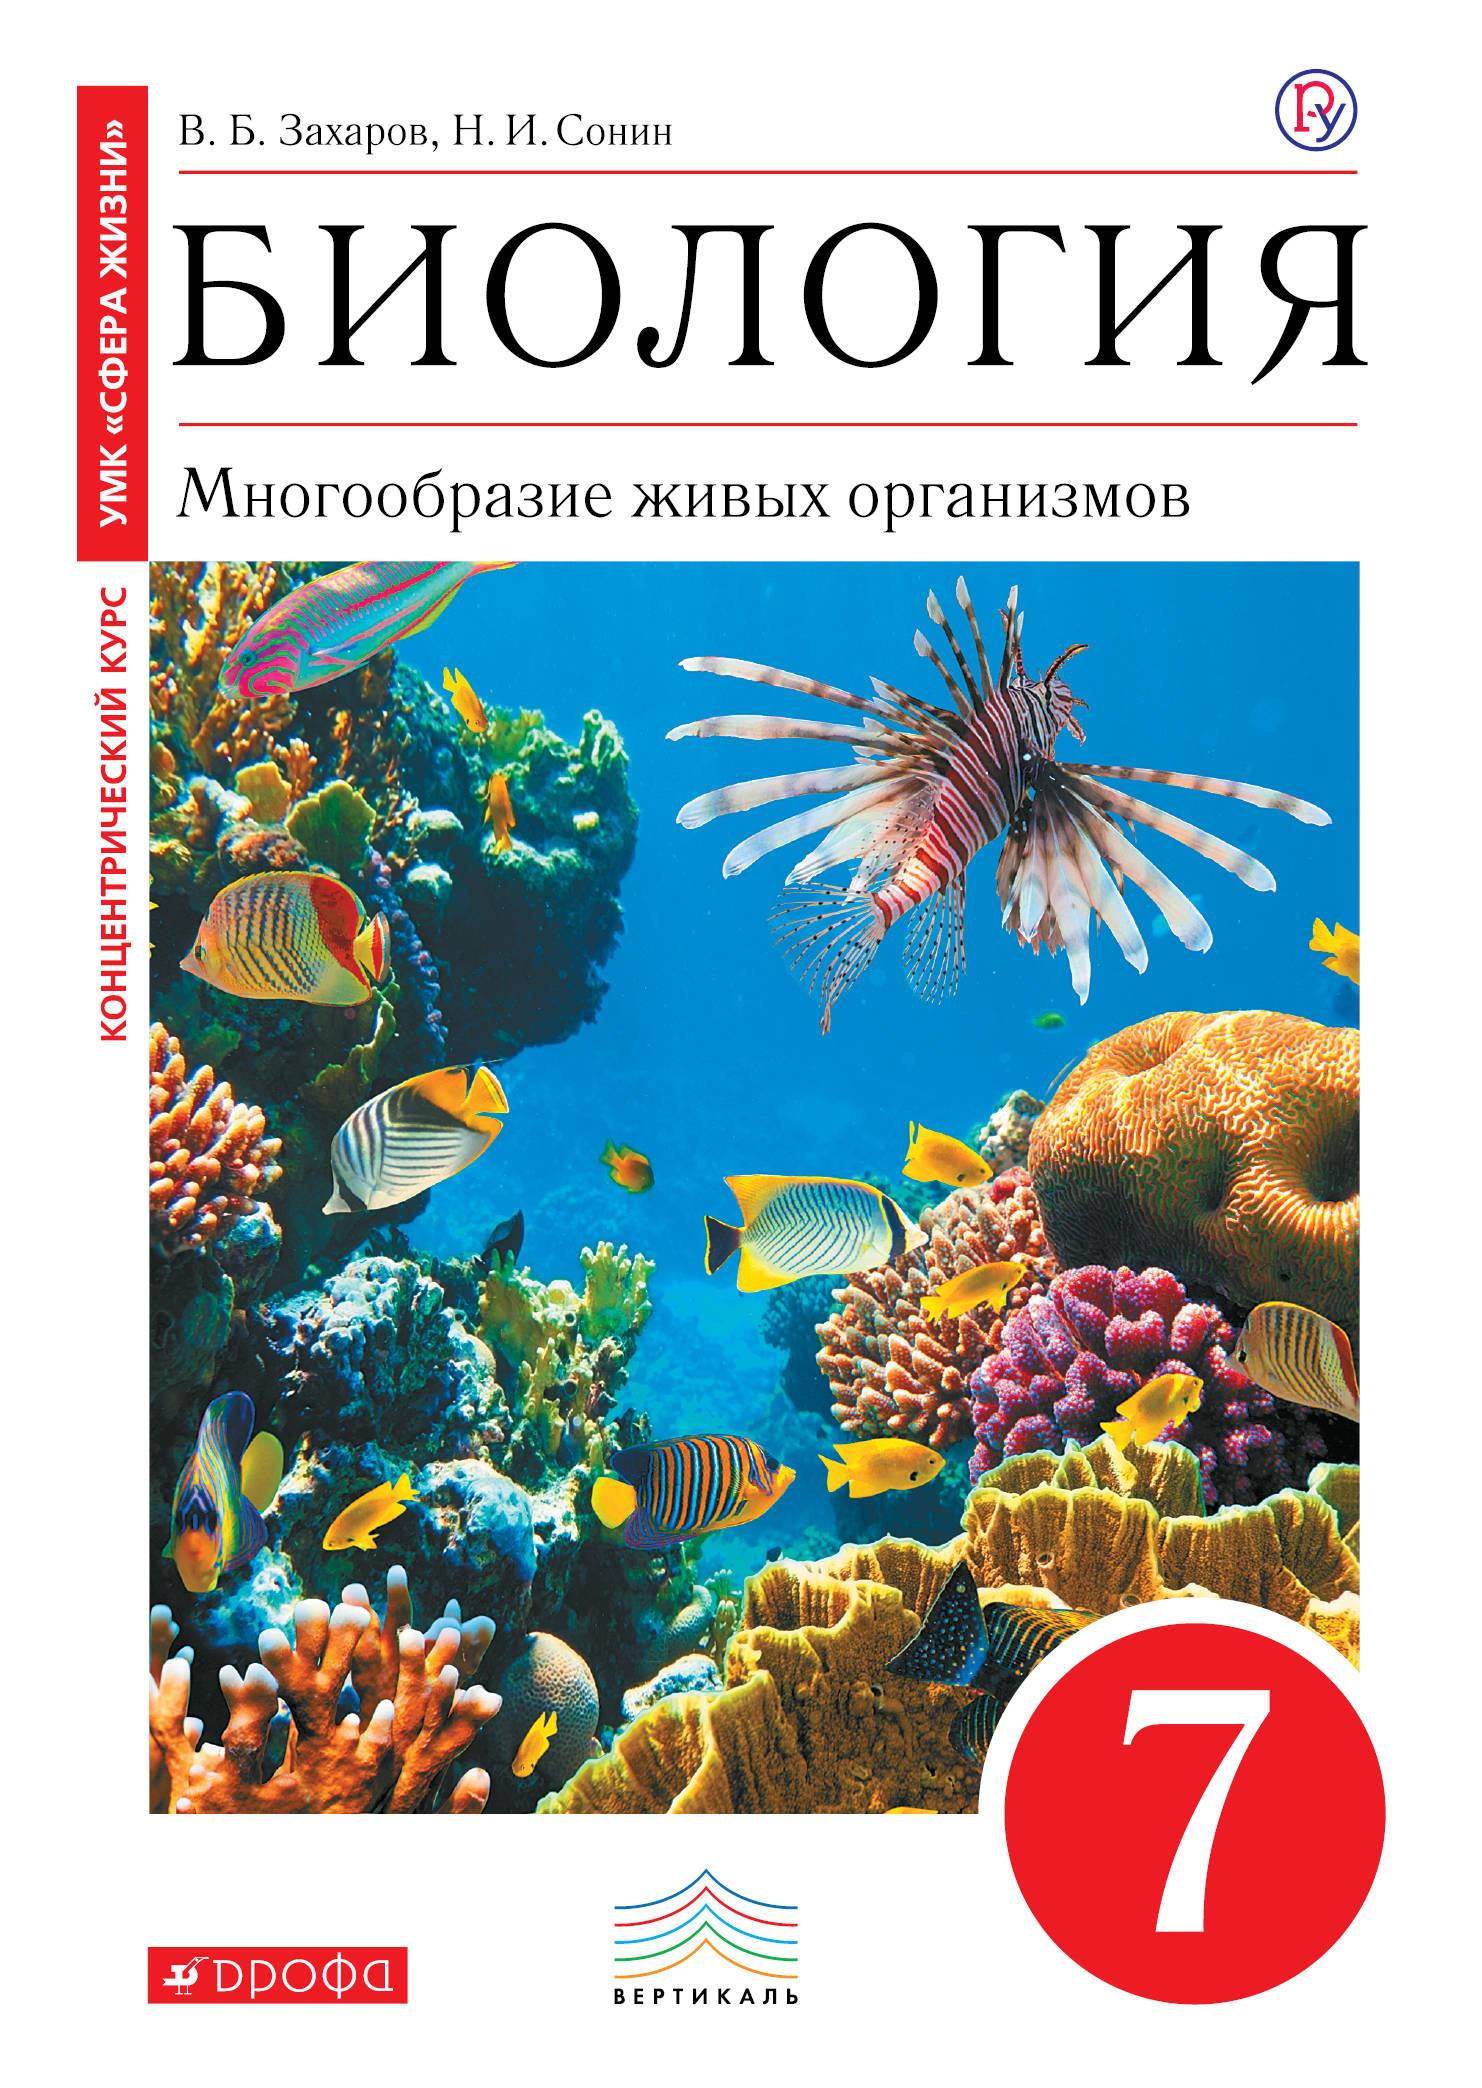 В. Б. Захаров,Н. И. Сонин Биология. 7 класс. Многообразие живых организмов. Учебник